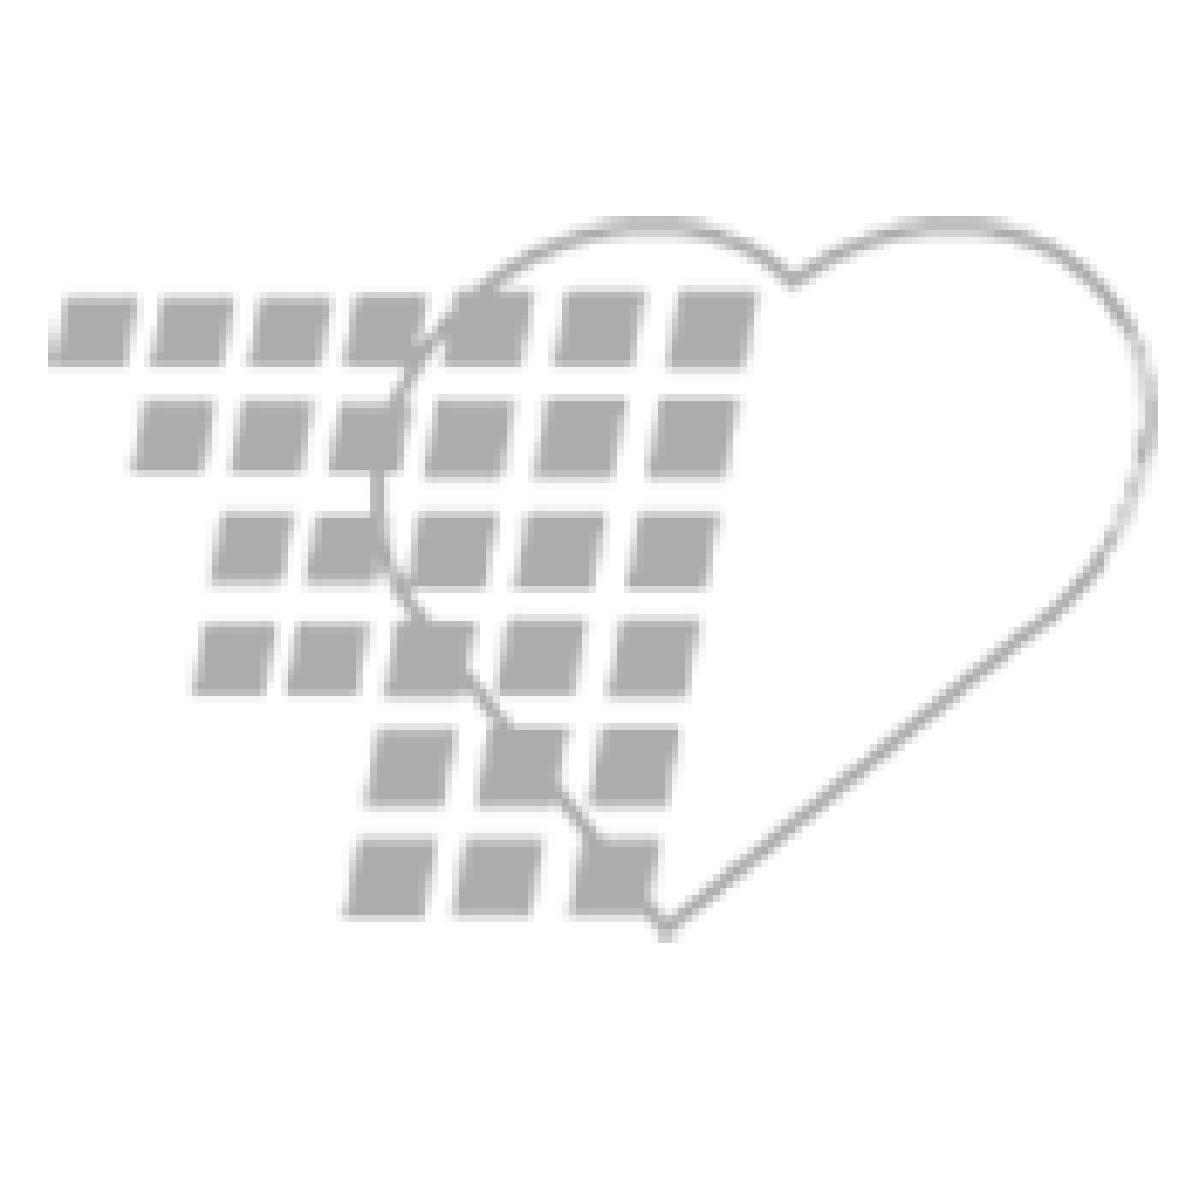 03-47-1240-MED - Innovative Healthcare Corporation DermAssist® COATS   - Medium